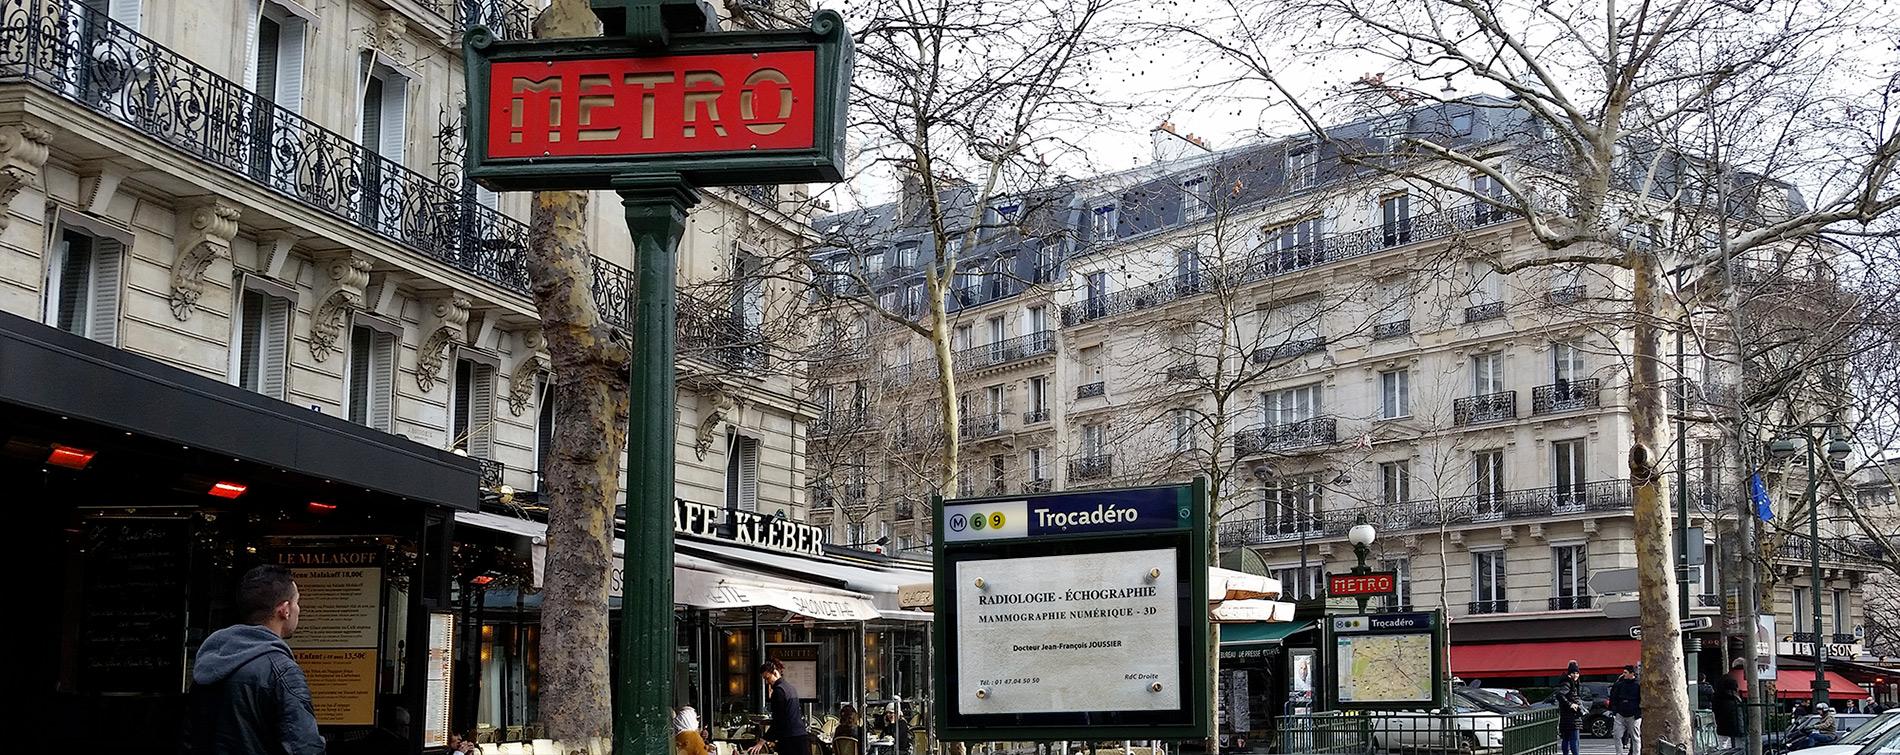 Cabinet de radiologie Trocadéro Paris 16